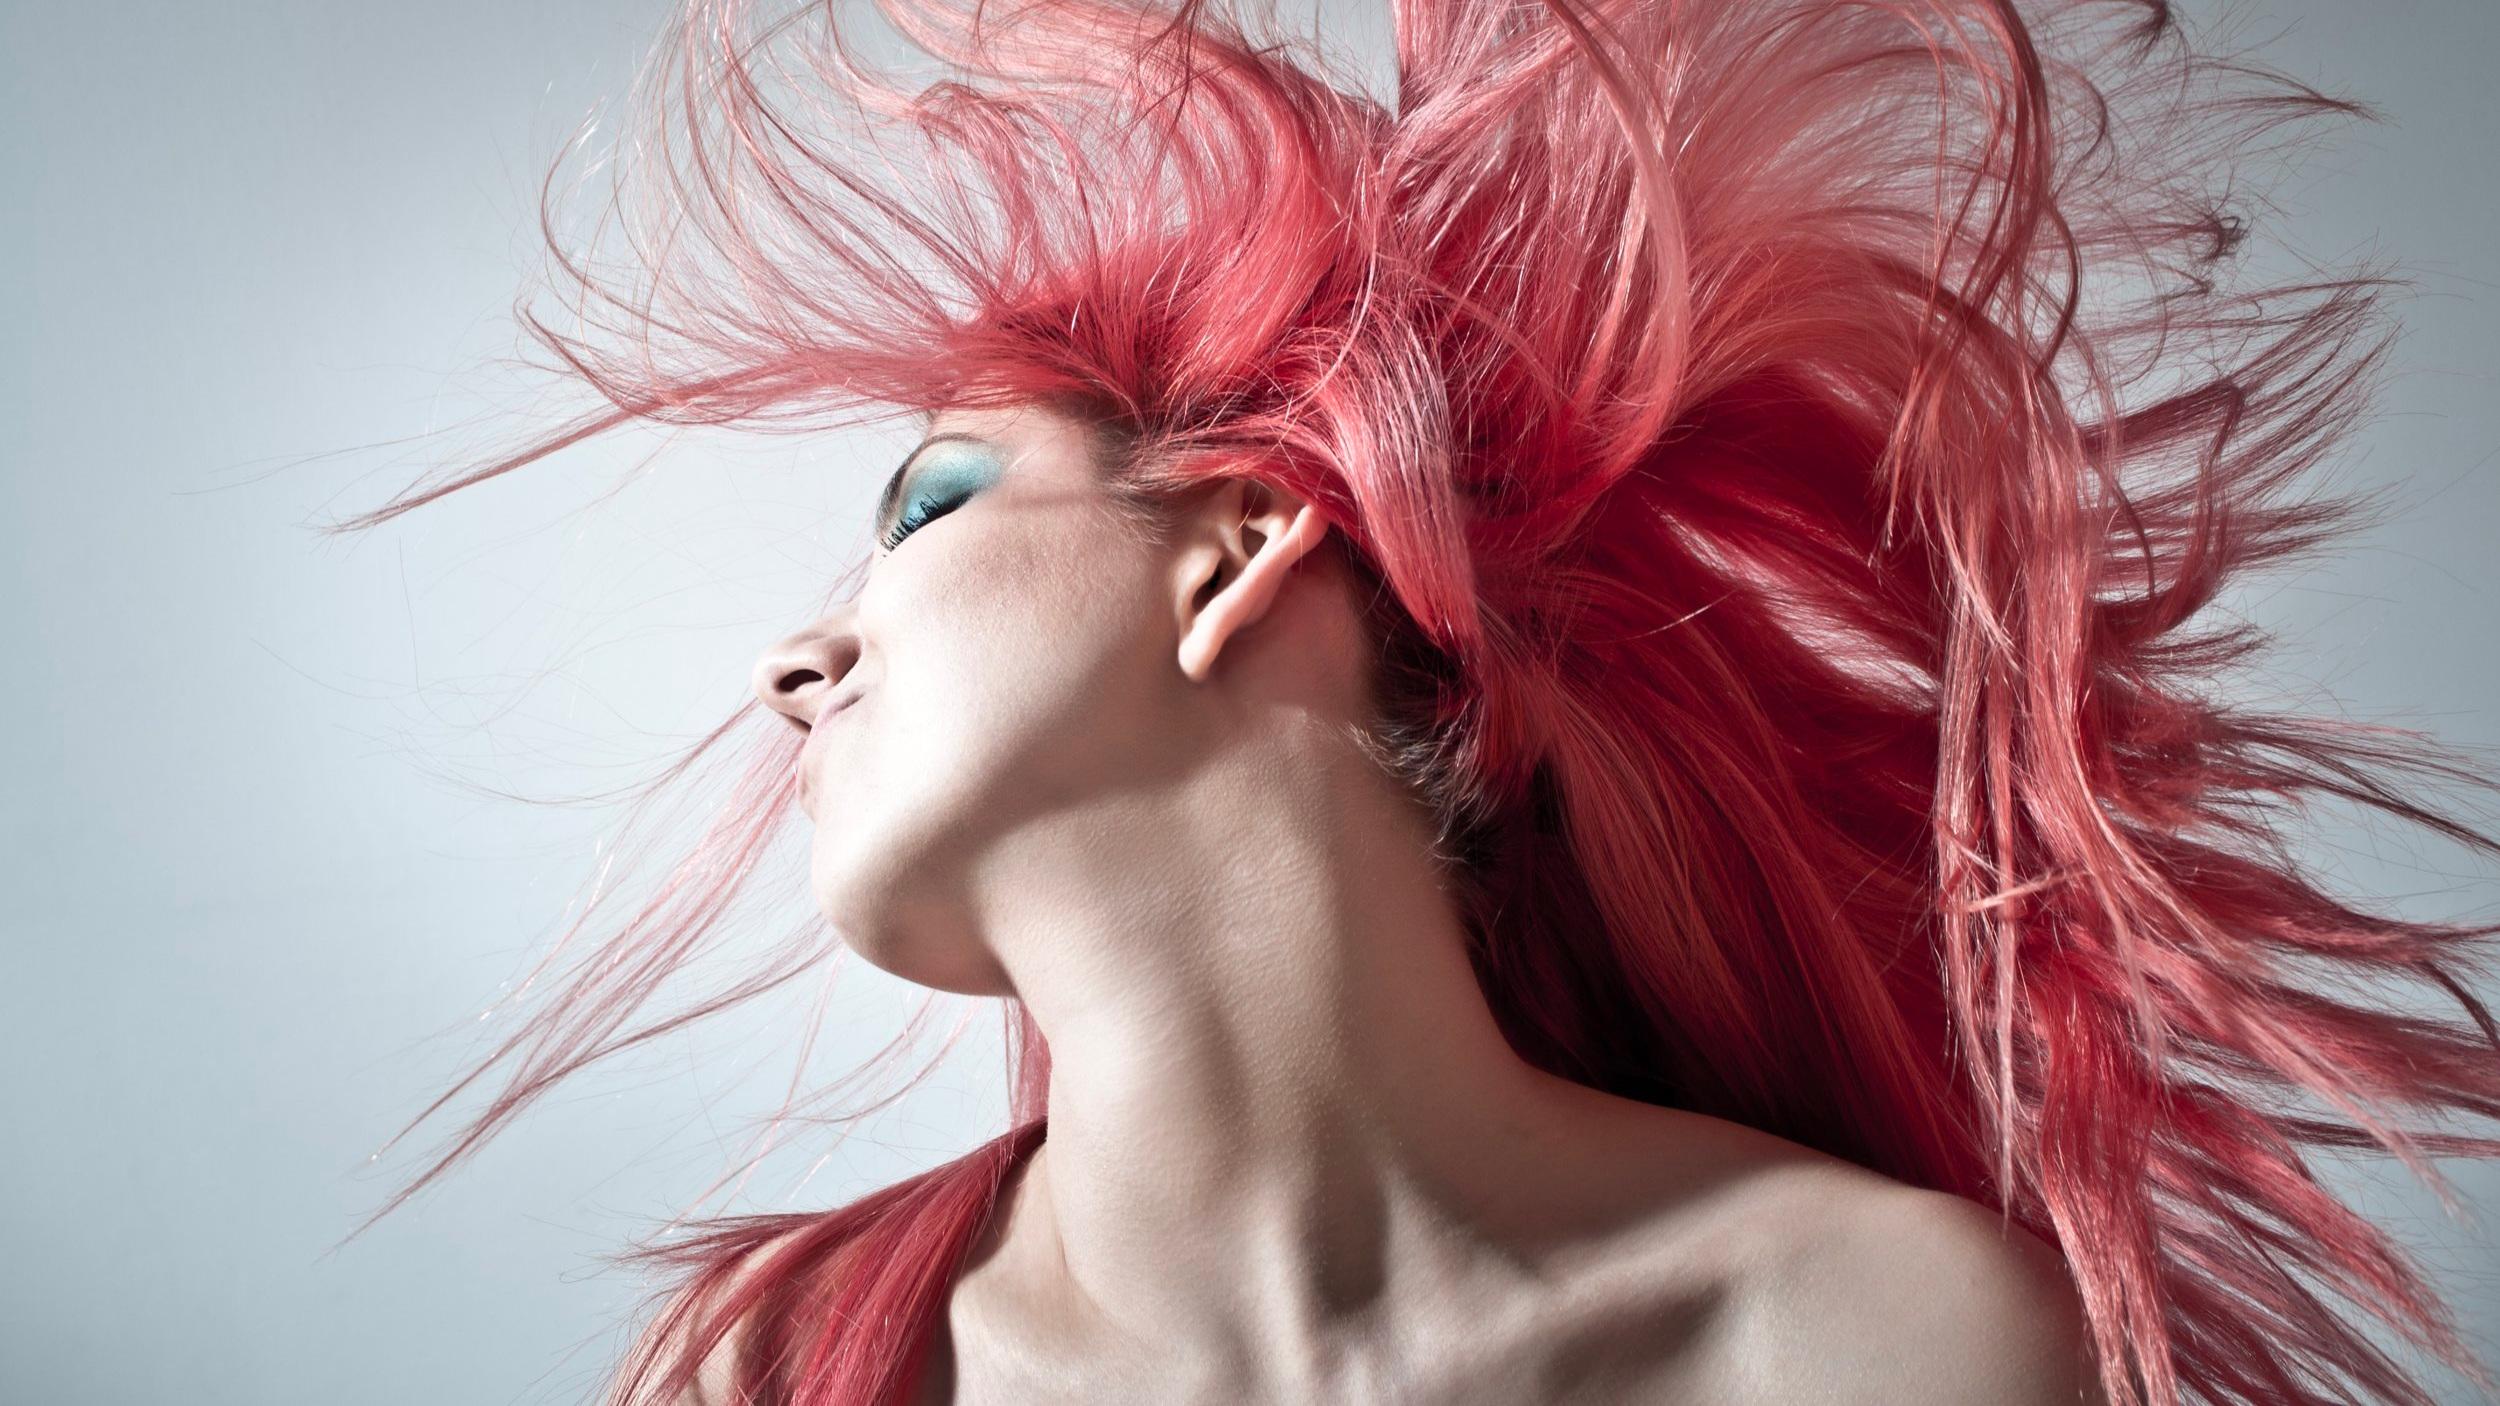 pink-+hair-george-bohunicky-unsplash.jpg